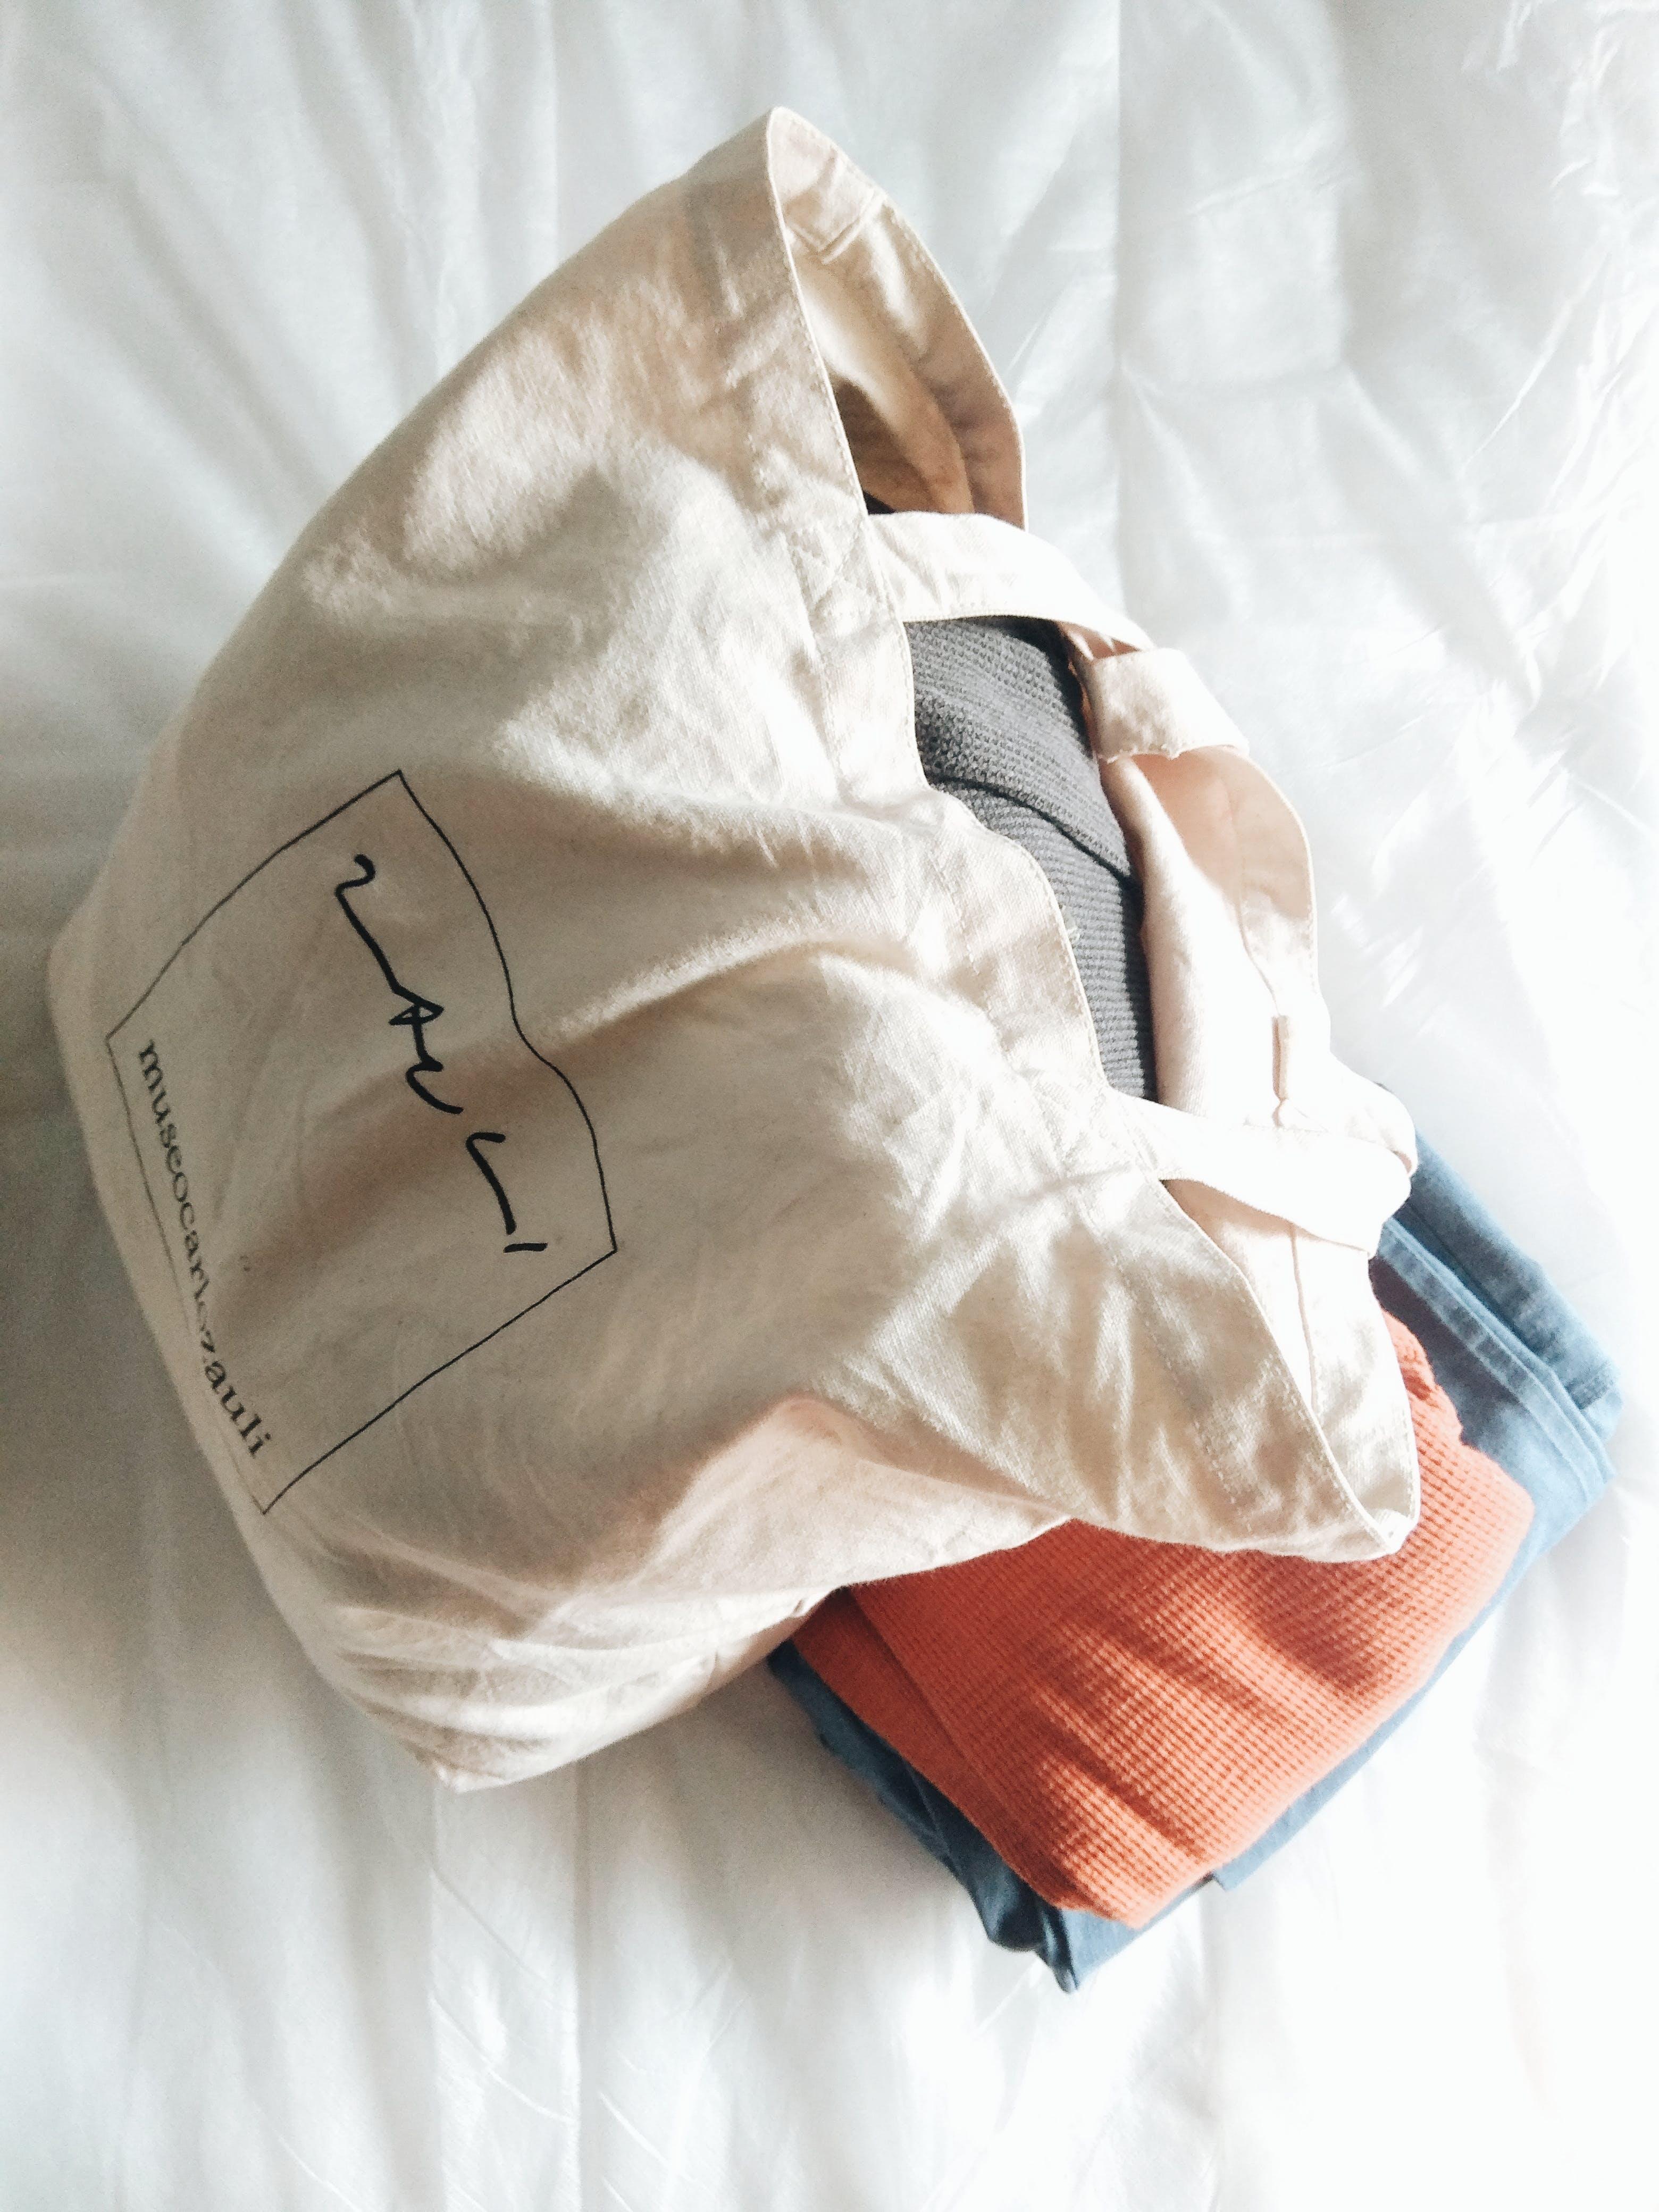 Gratis stockfoto met bed, binnen, comfort, handtas